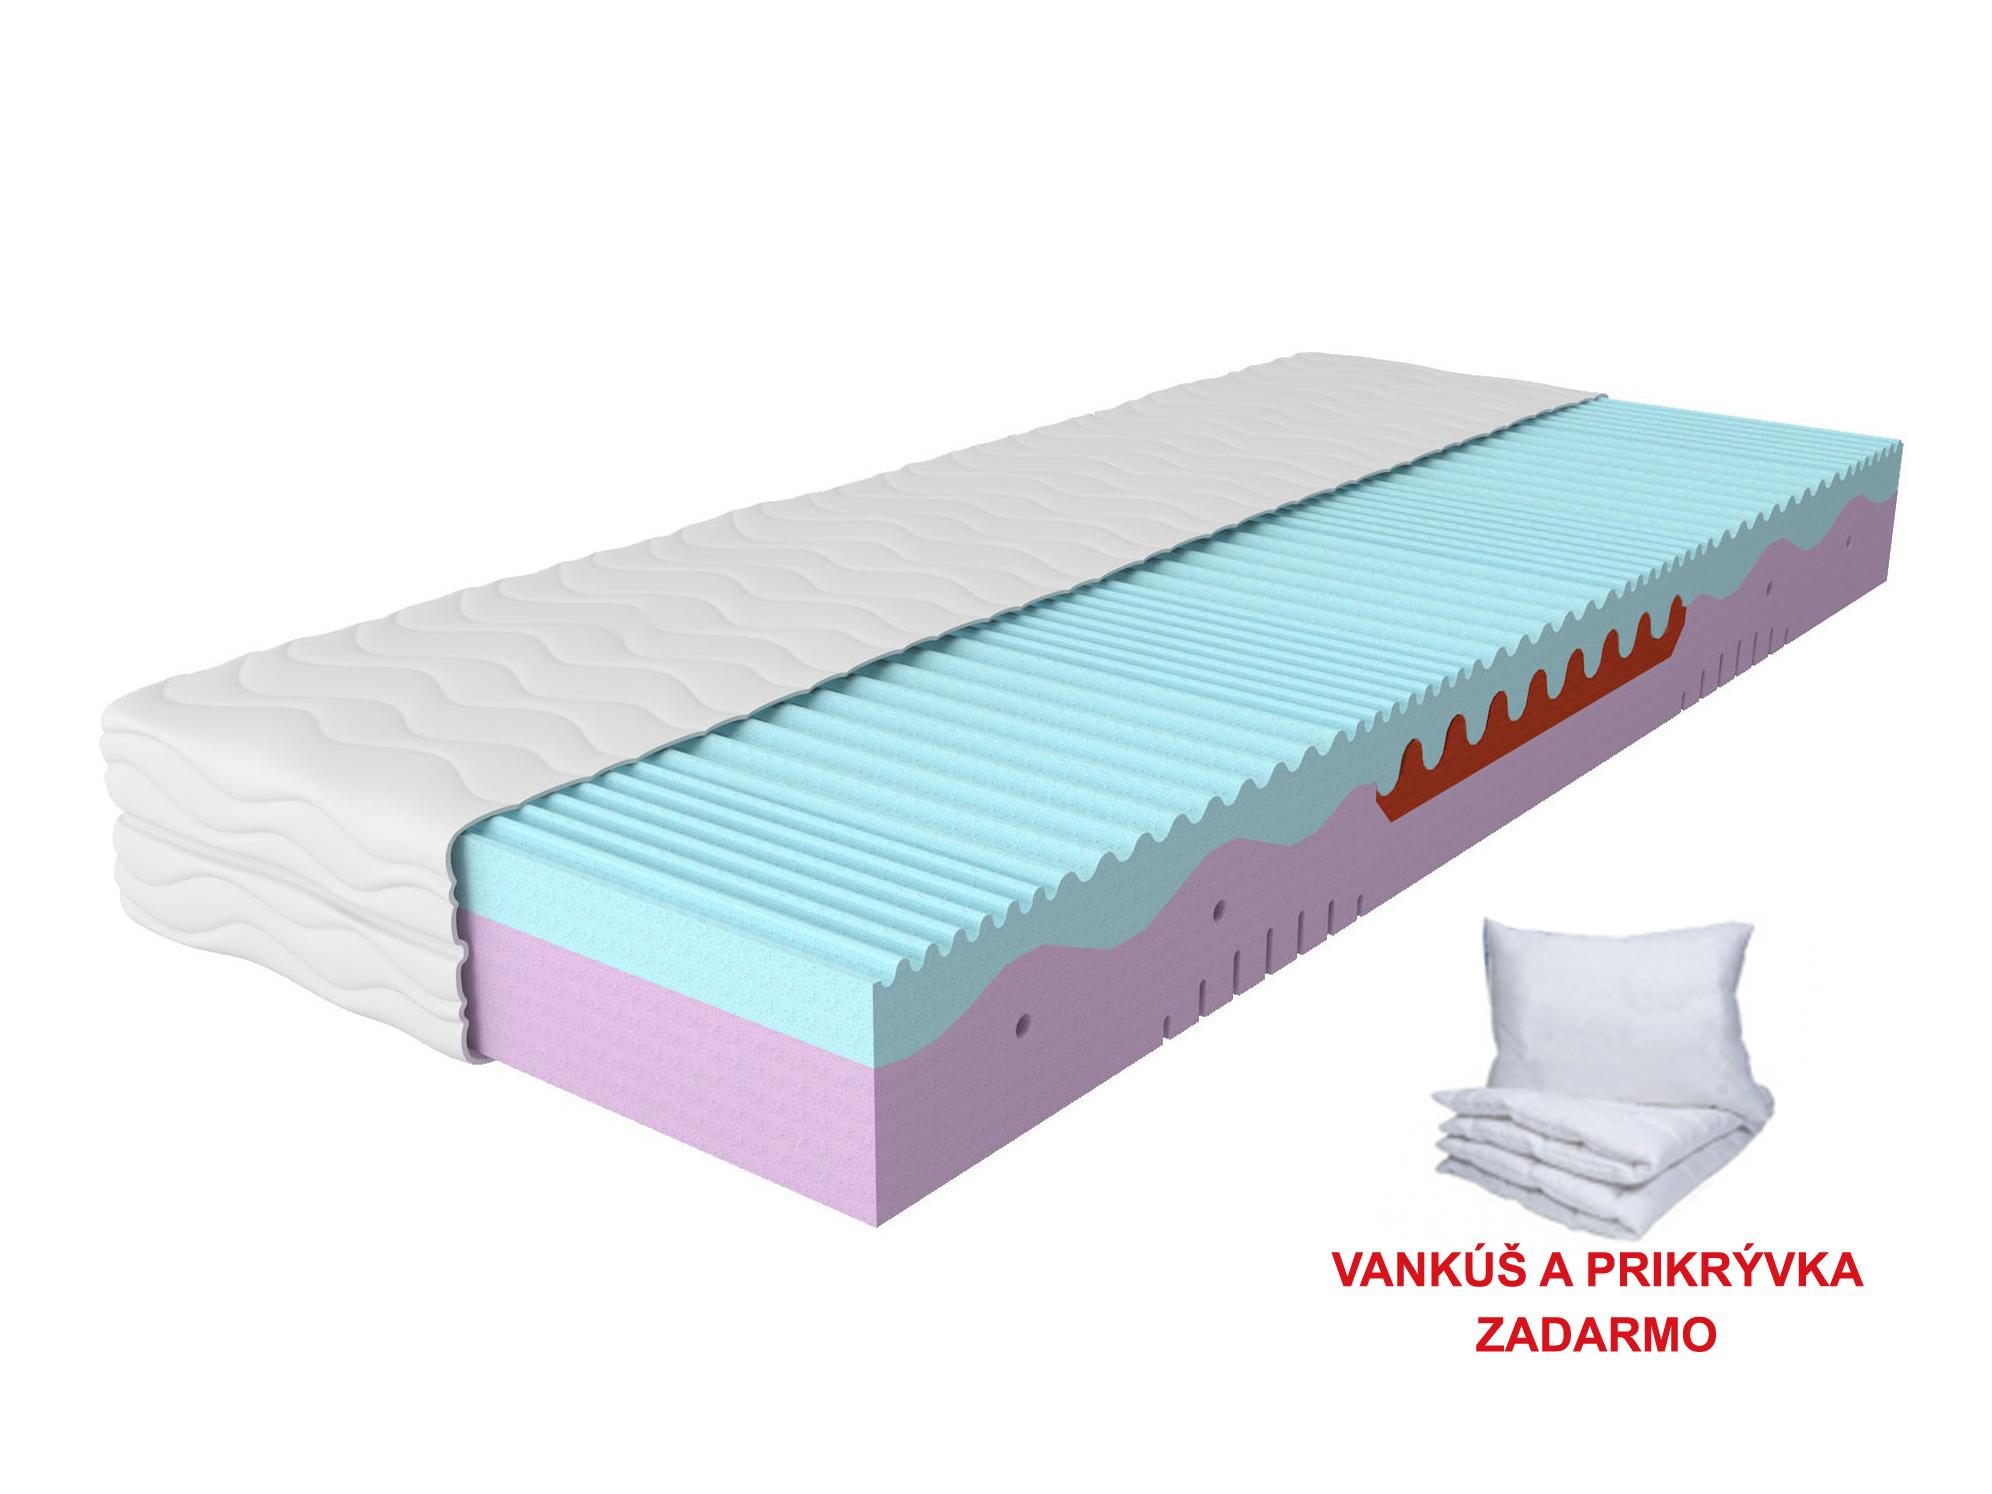 Pěnová matrace - Styler - Memo Plus - 200x80 cm (T3) *polštář+prikrývka ZDARMA. Komfortní a luxusní matrace z paměťové pěny, se snímatelným a pratelným potahem s Tencel, ke které navíc dostanete polštář zdarma.